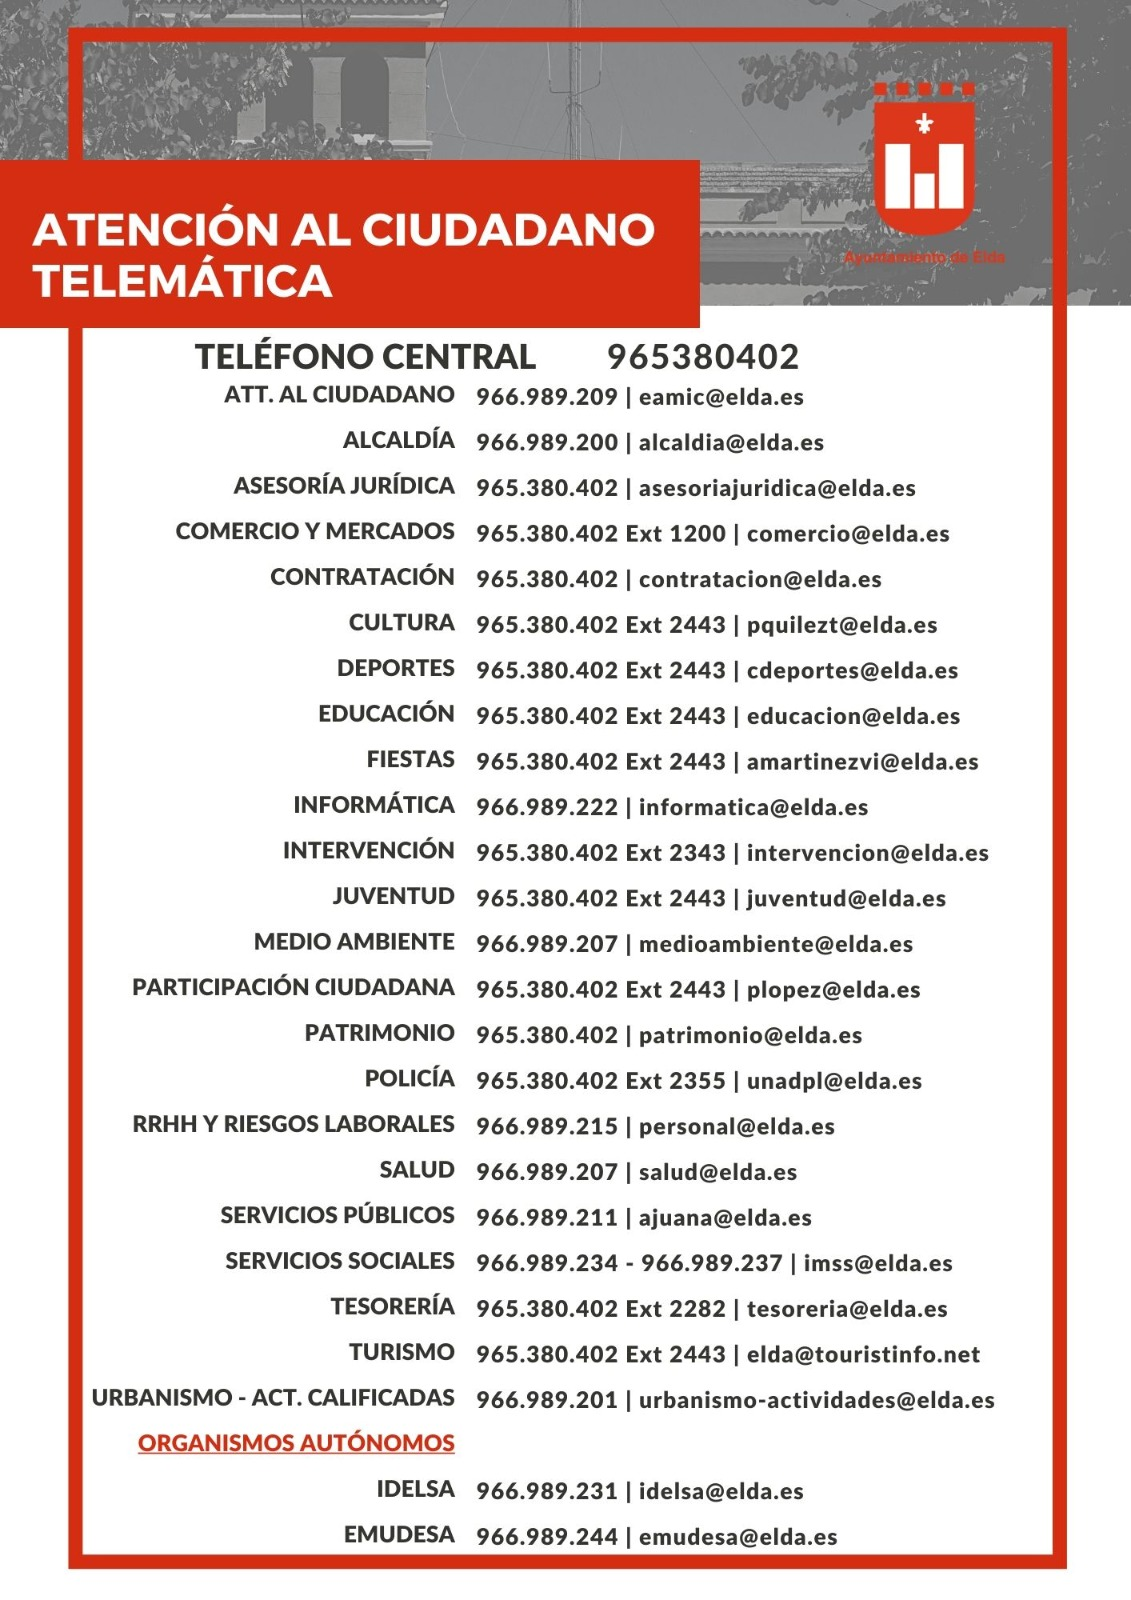 El Ayuntamiento de Elda informa de las vías de contacto para atención ciudadana telemática